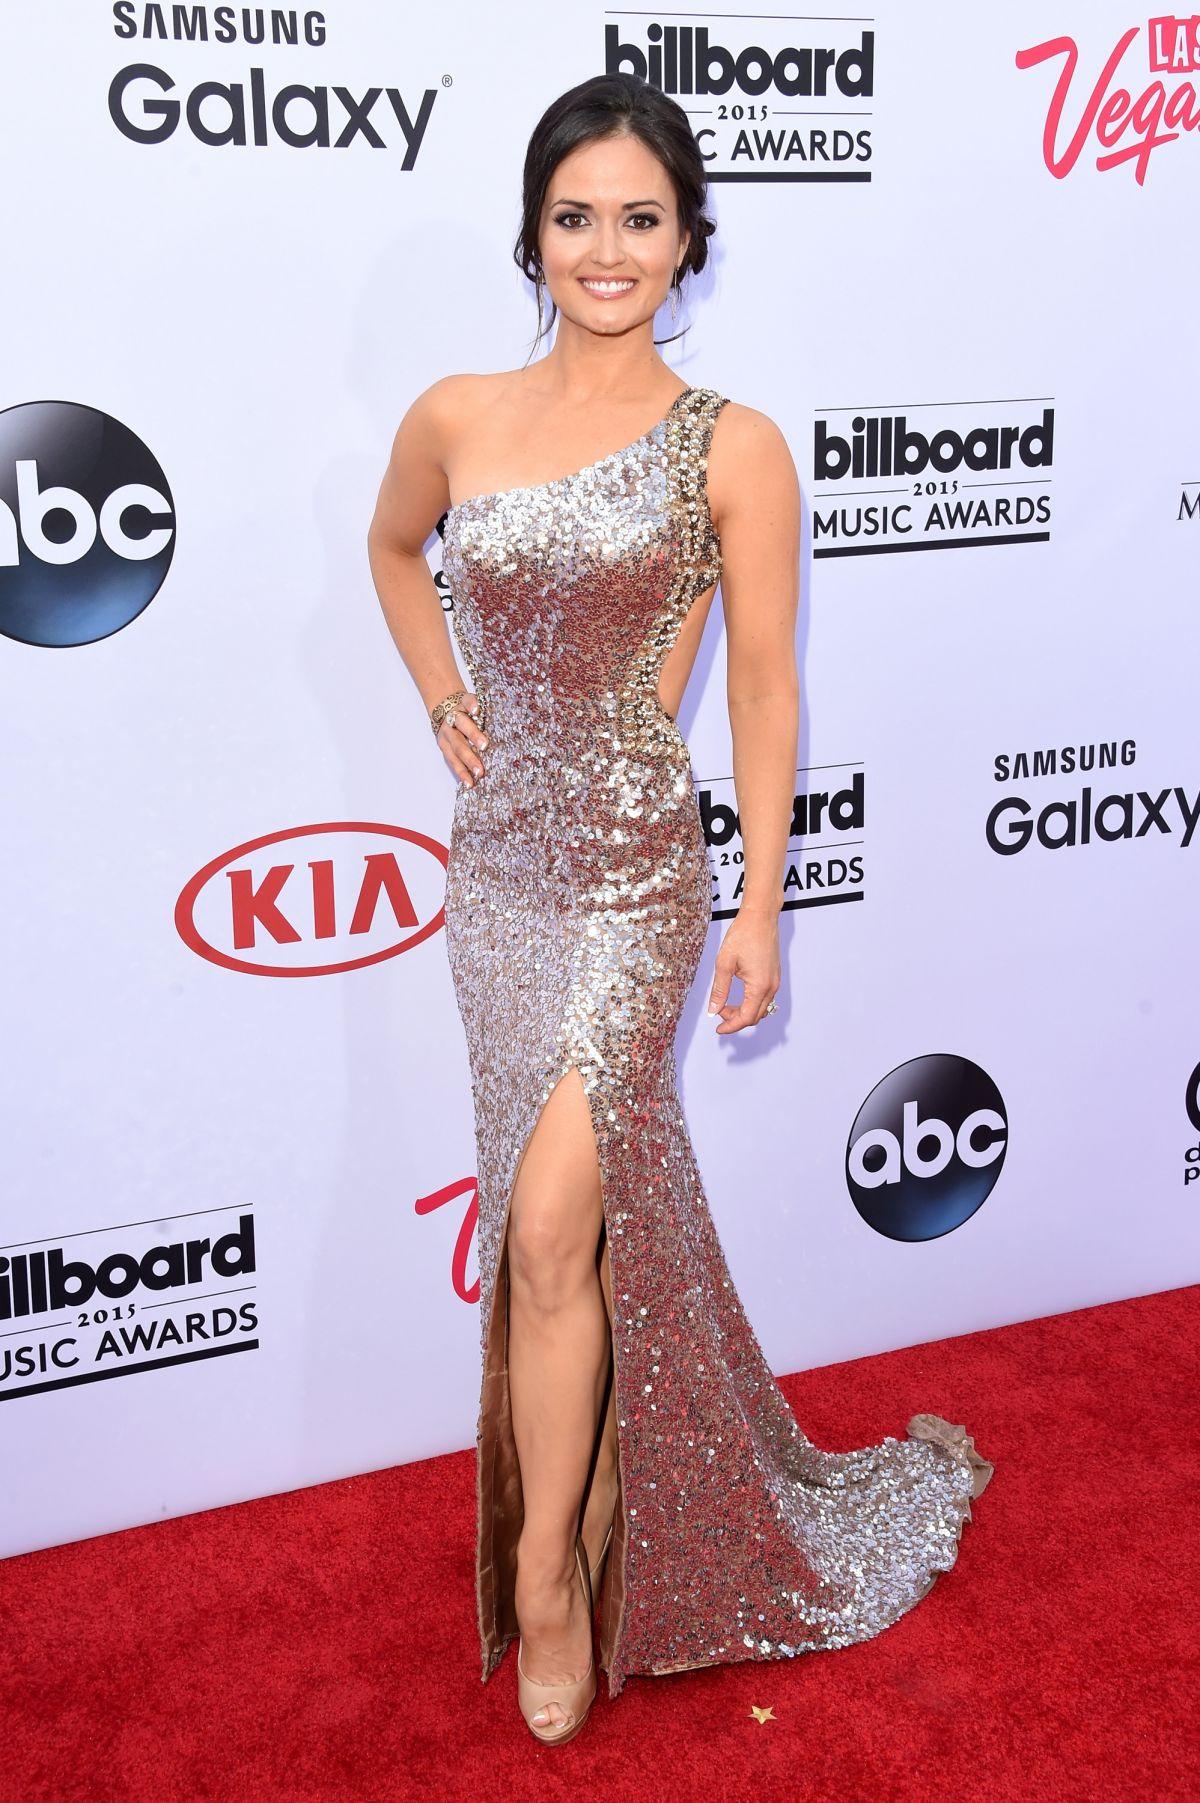 DANICA MCKELLAR at 2015 Billboard Music Awards in Las Vegas